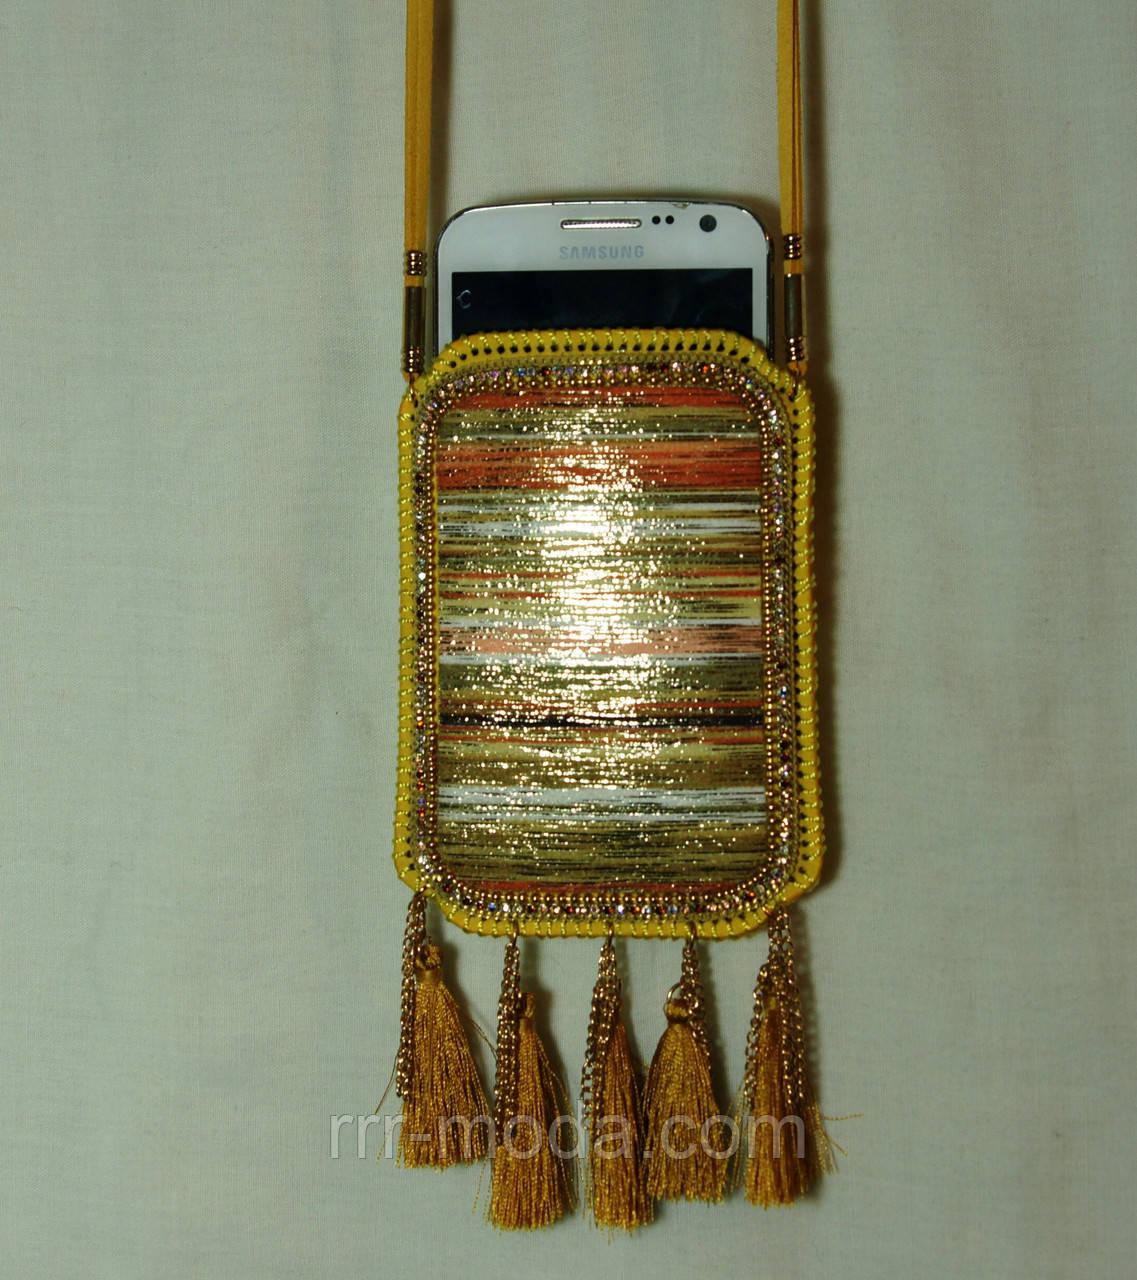 fc802b978405 Сумочки для телефонов, чехлы - сумочки на шею с орнаментом 11 - Бижутерия  оптом «